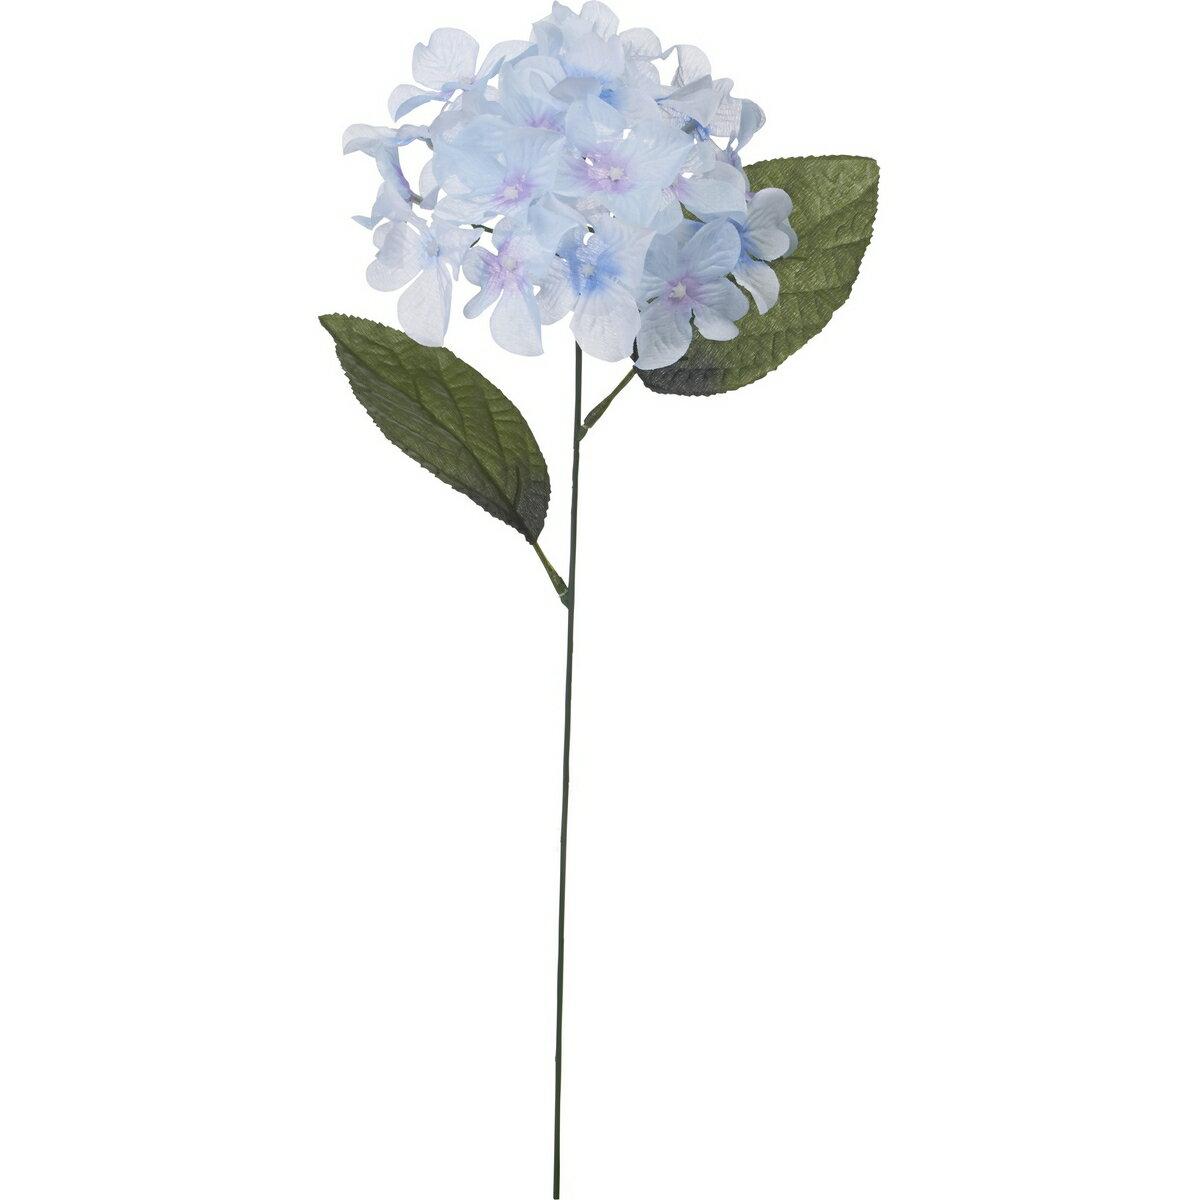 【造花】YDM/アジサイシングル ライトブルー/FS8247-LBL【01】【取寄】《 造花(アーティフィシャルフラワー) 造花 花材「あ行」 あじさい(紫陽花) 》